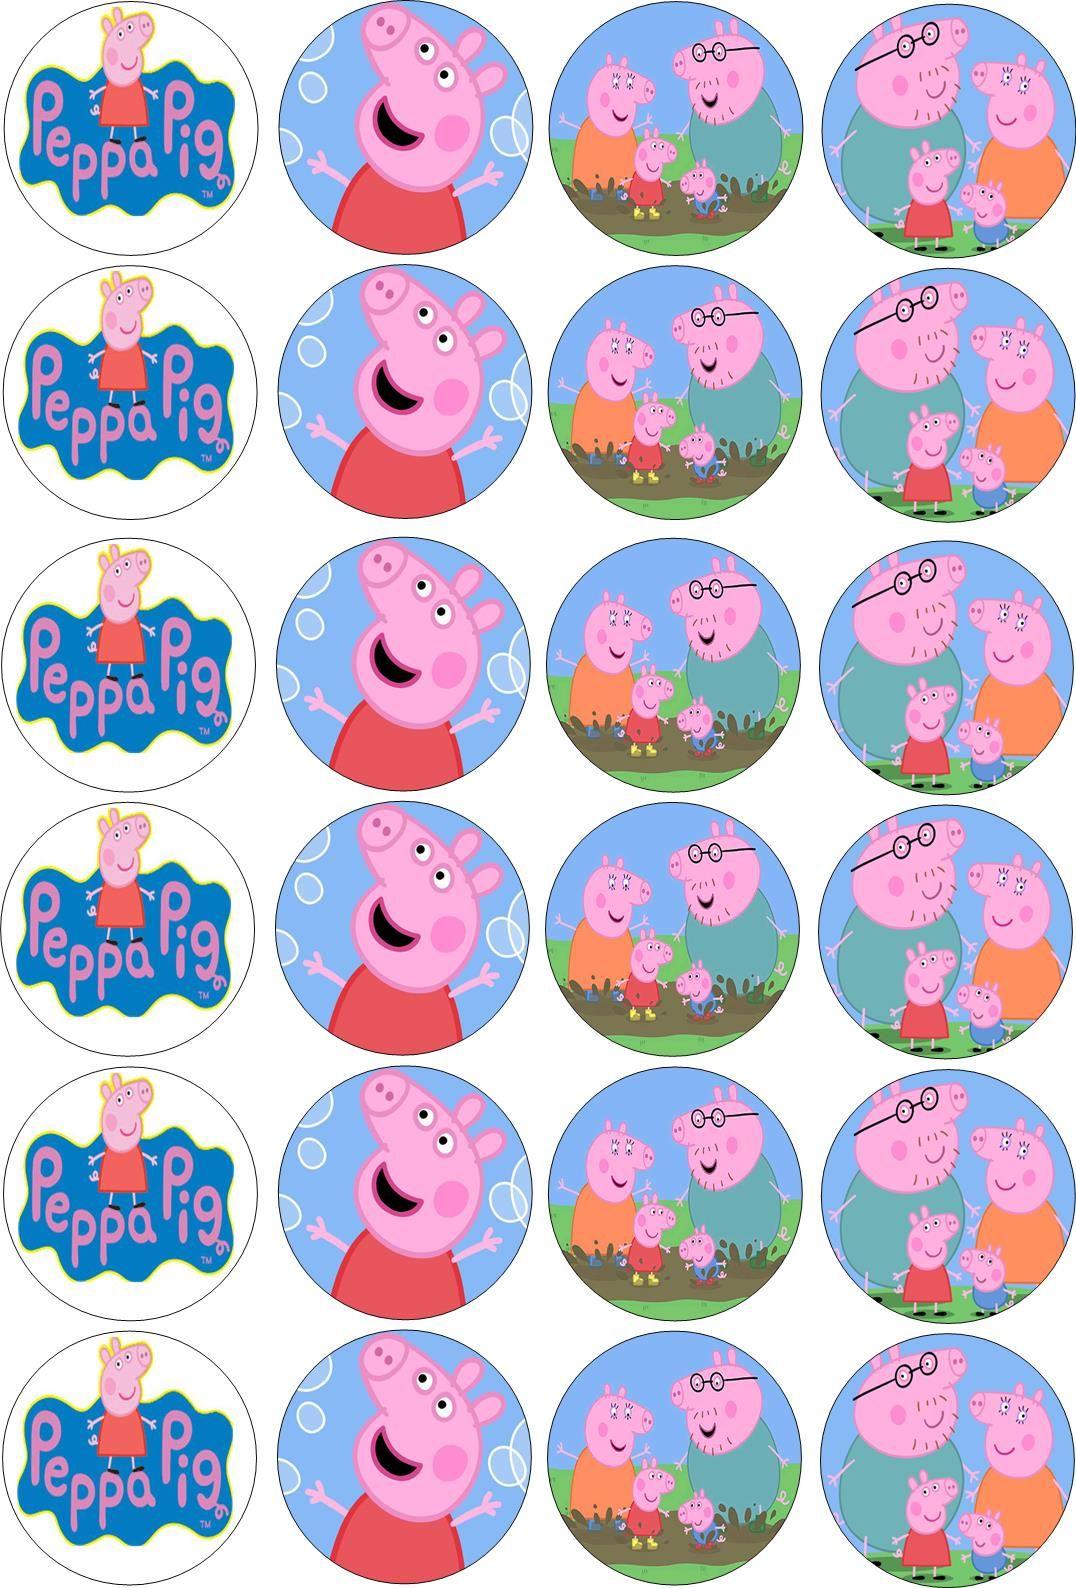 peppa pig lembrancinhas para festa da peppa pig scrapfesta mesa